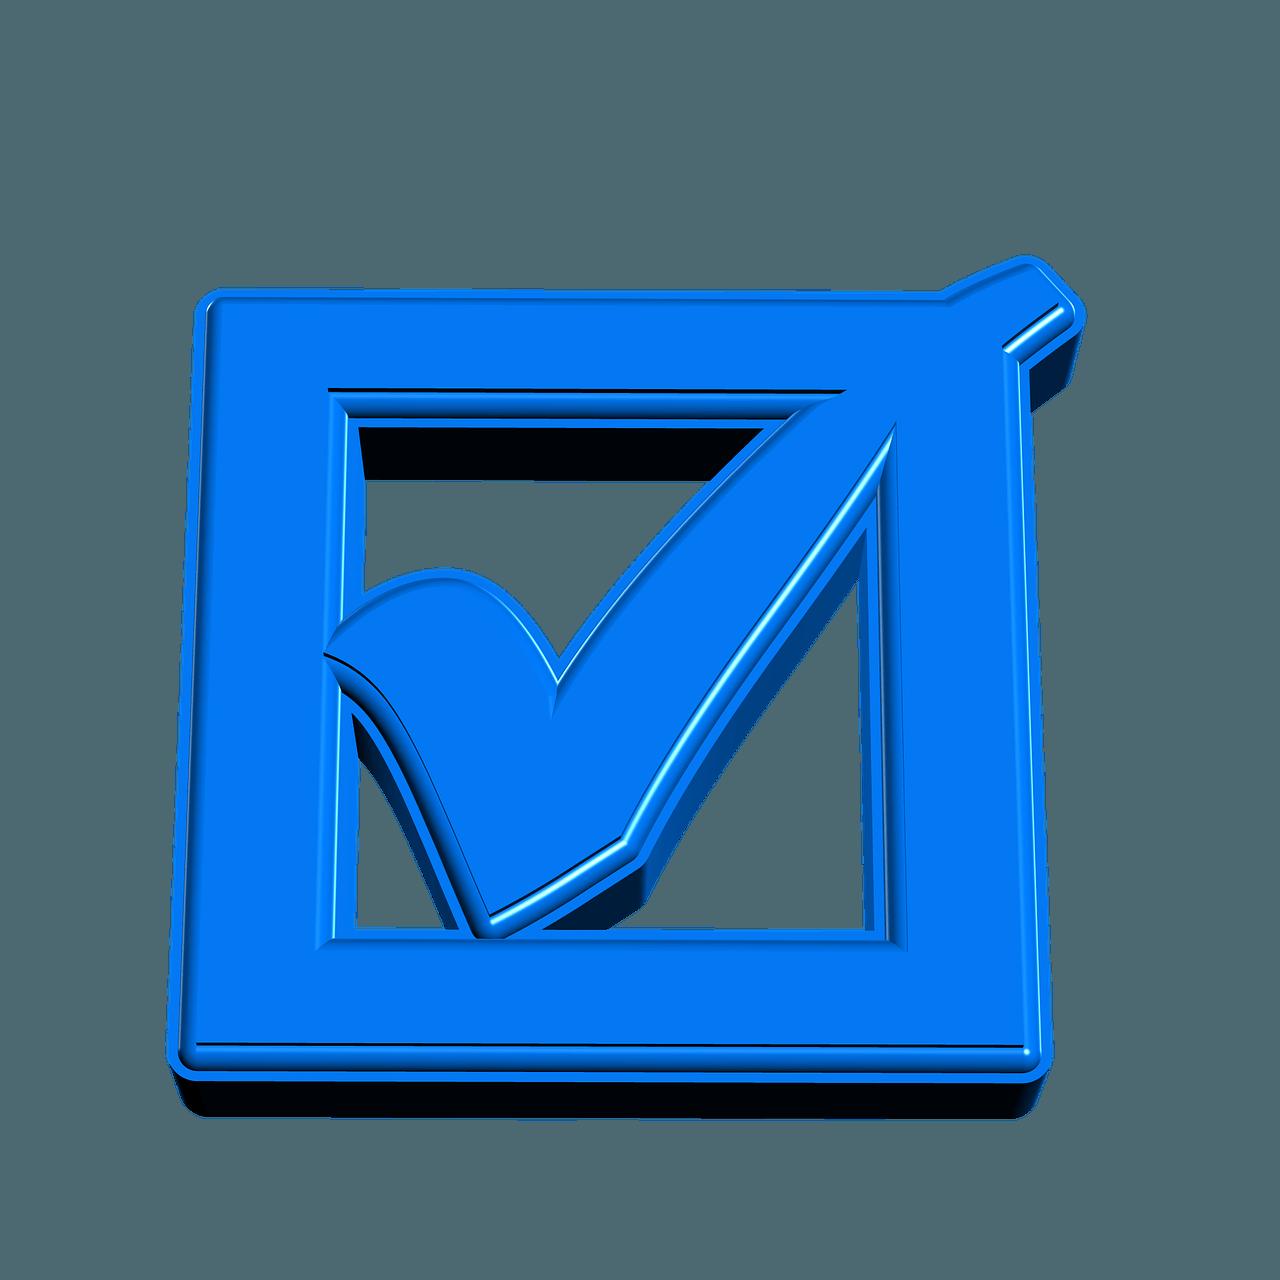 テーマとプラグインの更新の前には、プラグイン「WP Theme ShapeShifter Extensions」を停止してください!